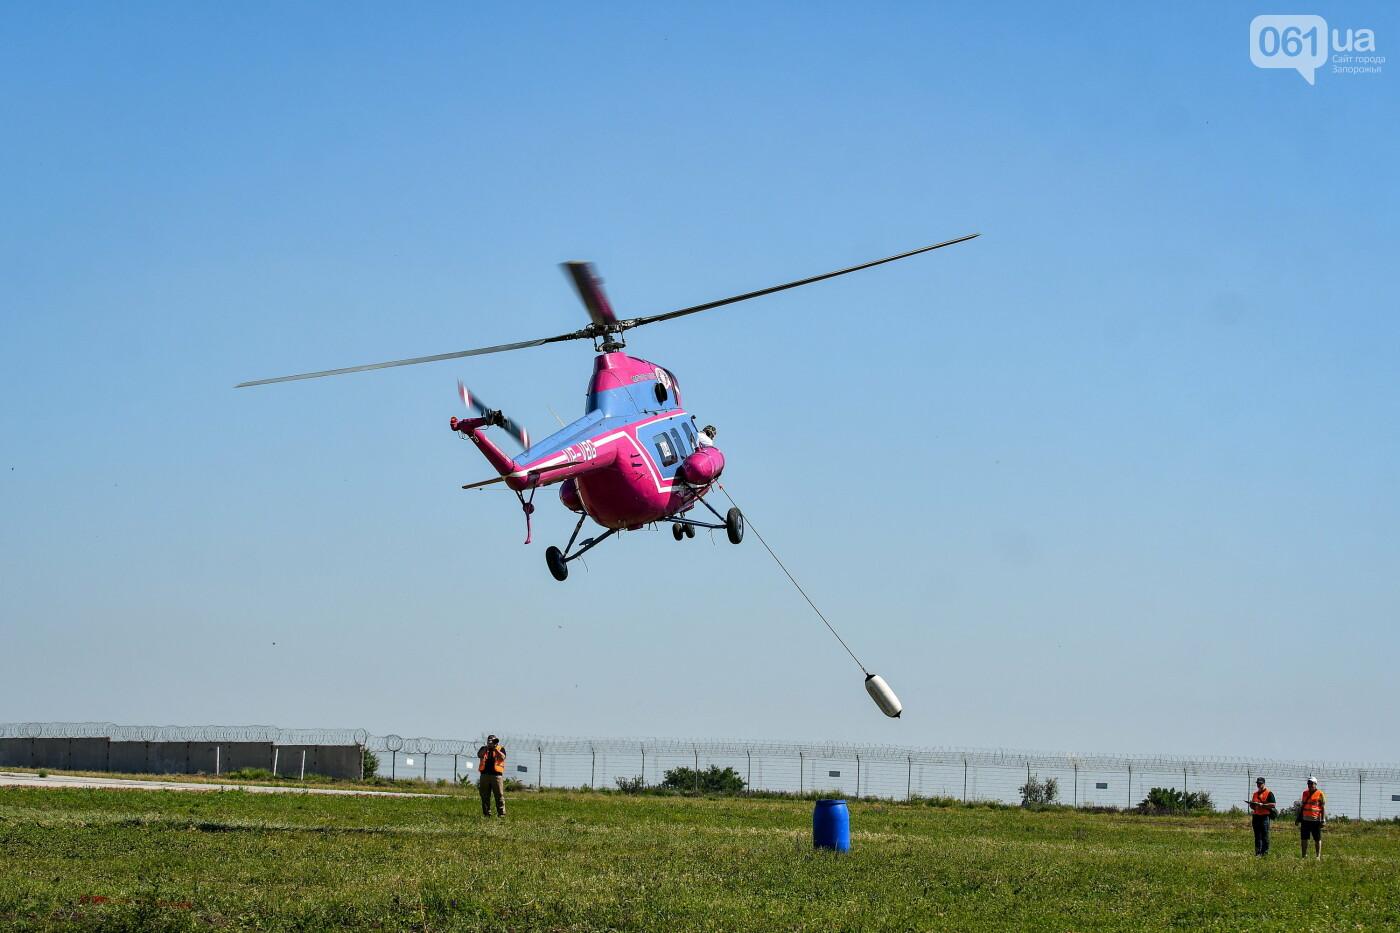 В Запорожье проходят соревнования по вертолетному спорту, - ФОТОРЕПОРТАЖ, фото-9